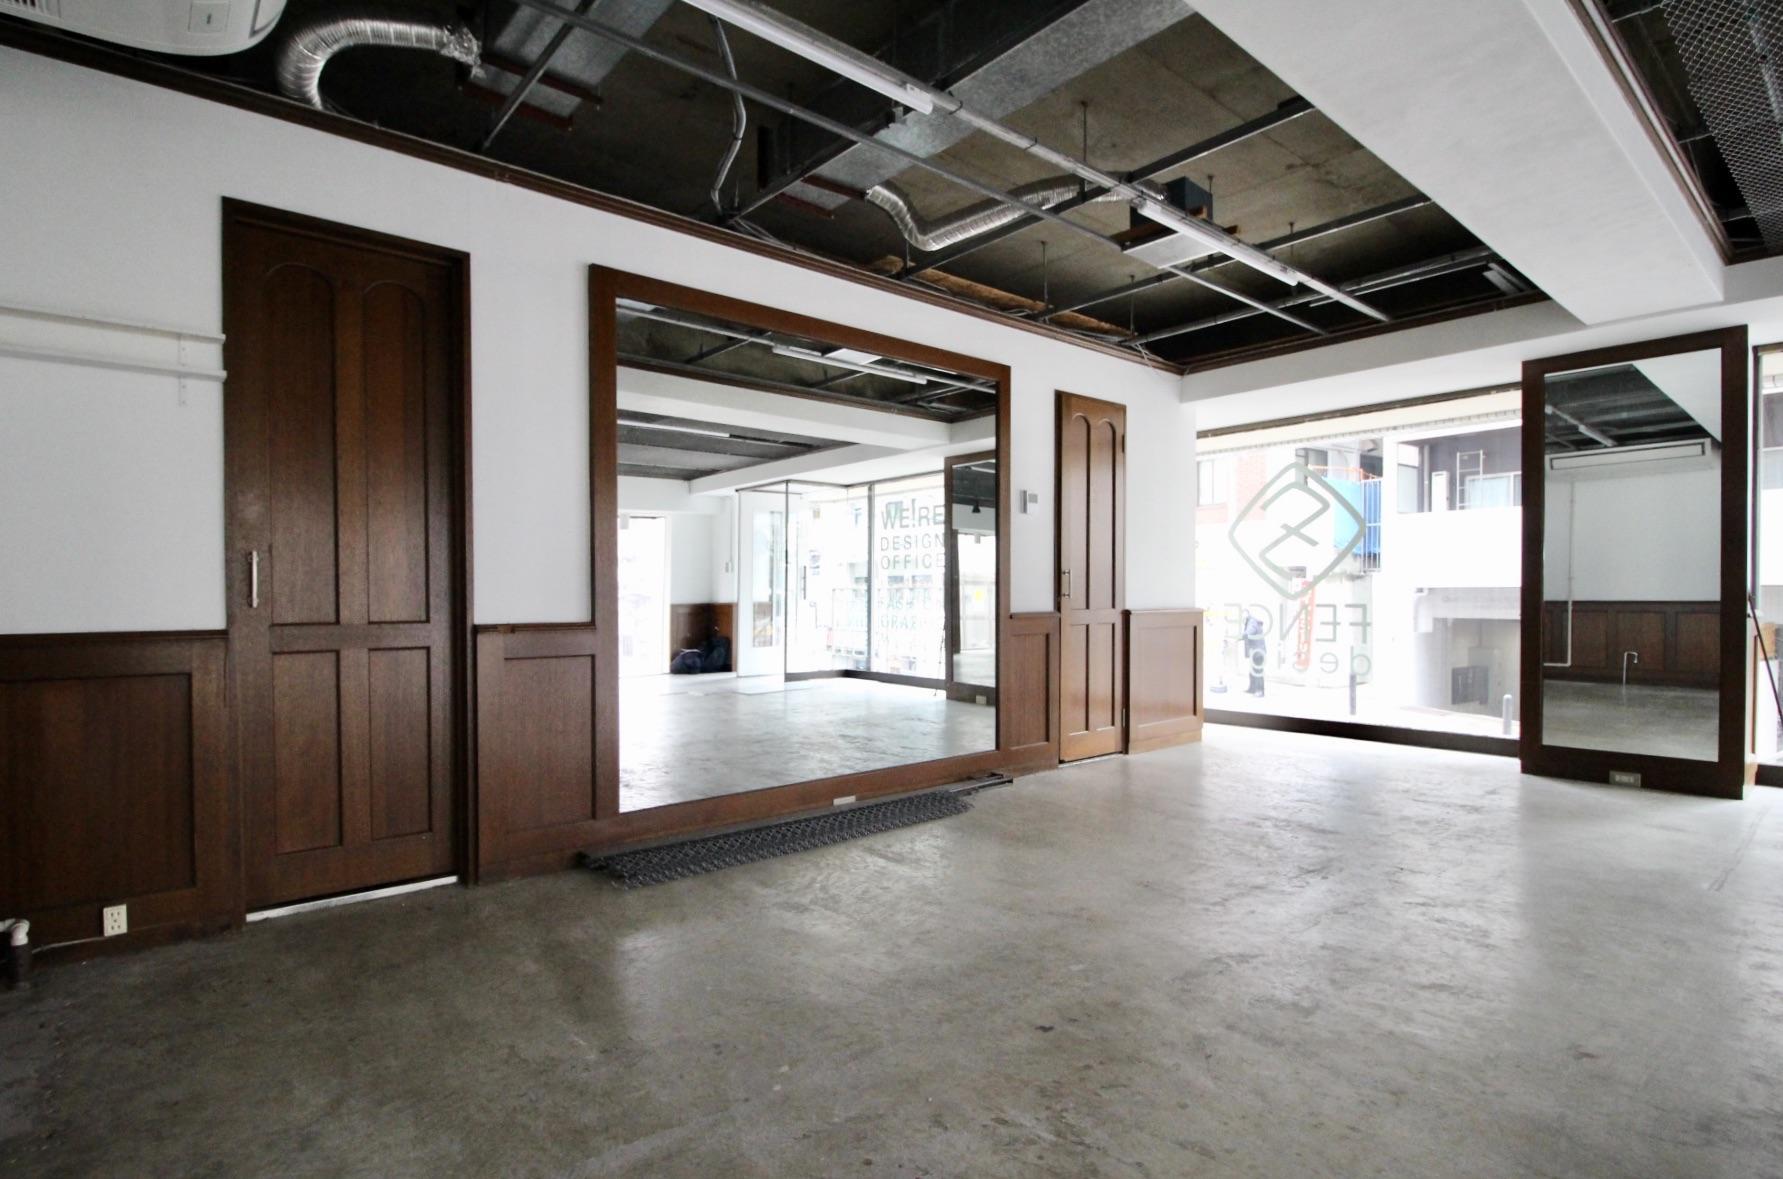 クラシックな木製の建具や腰壁